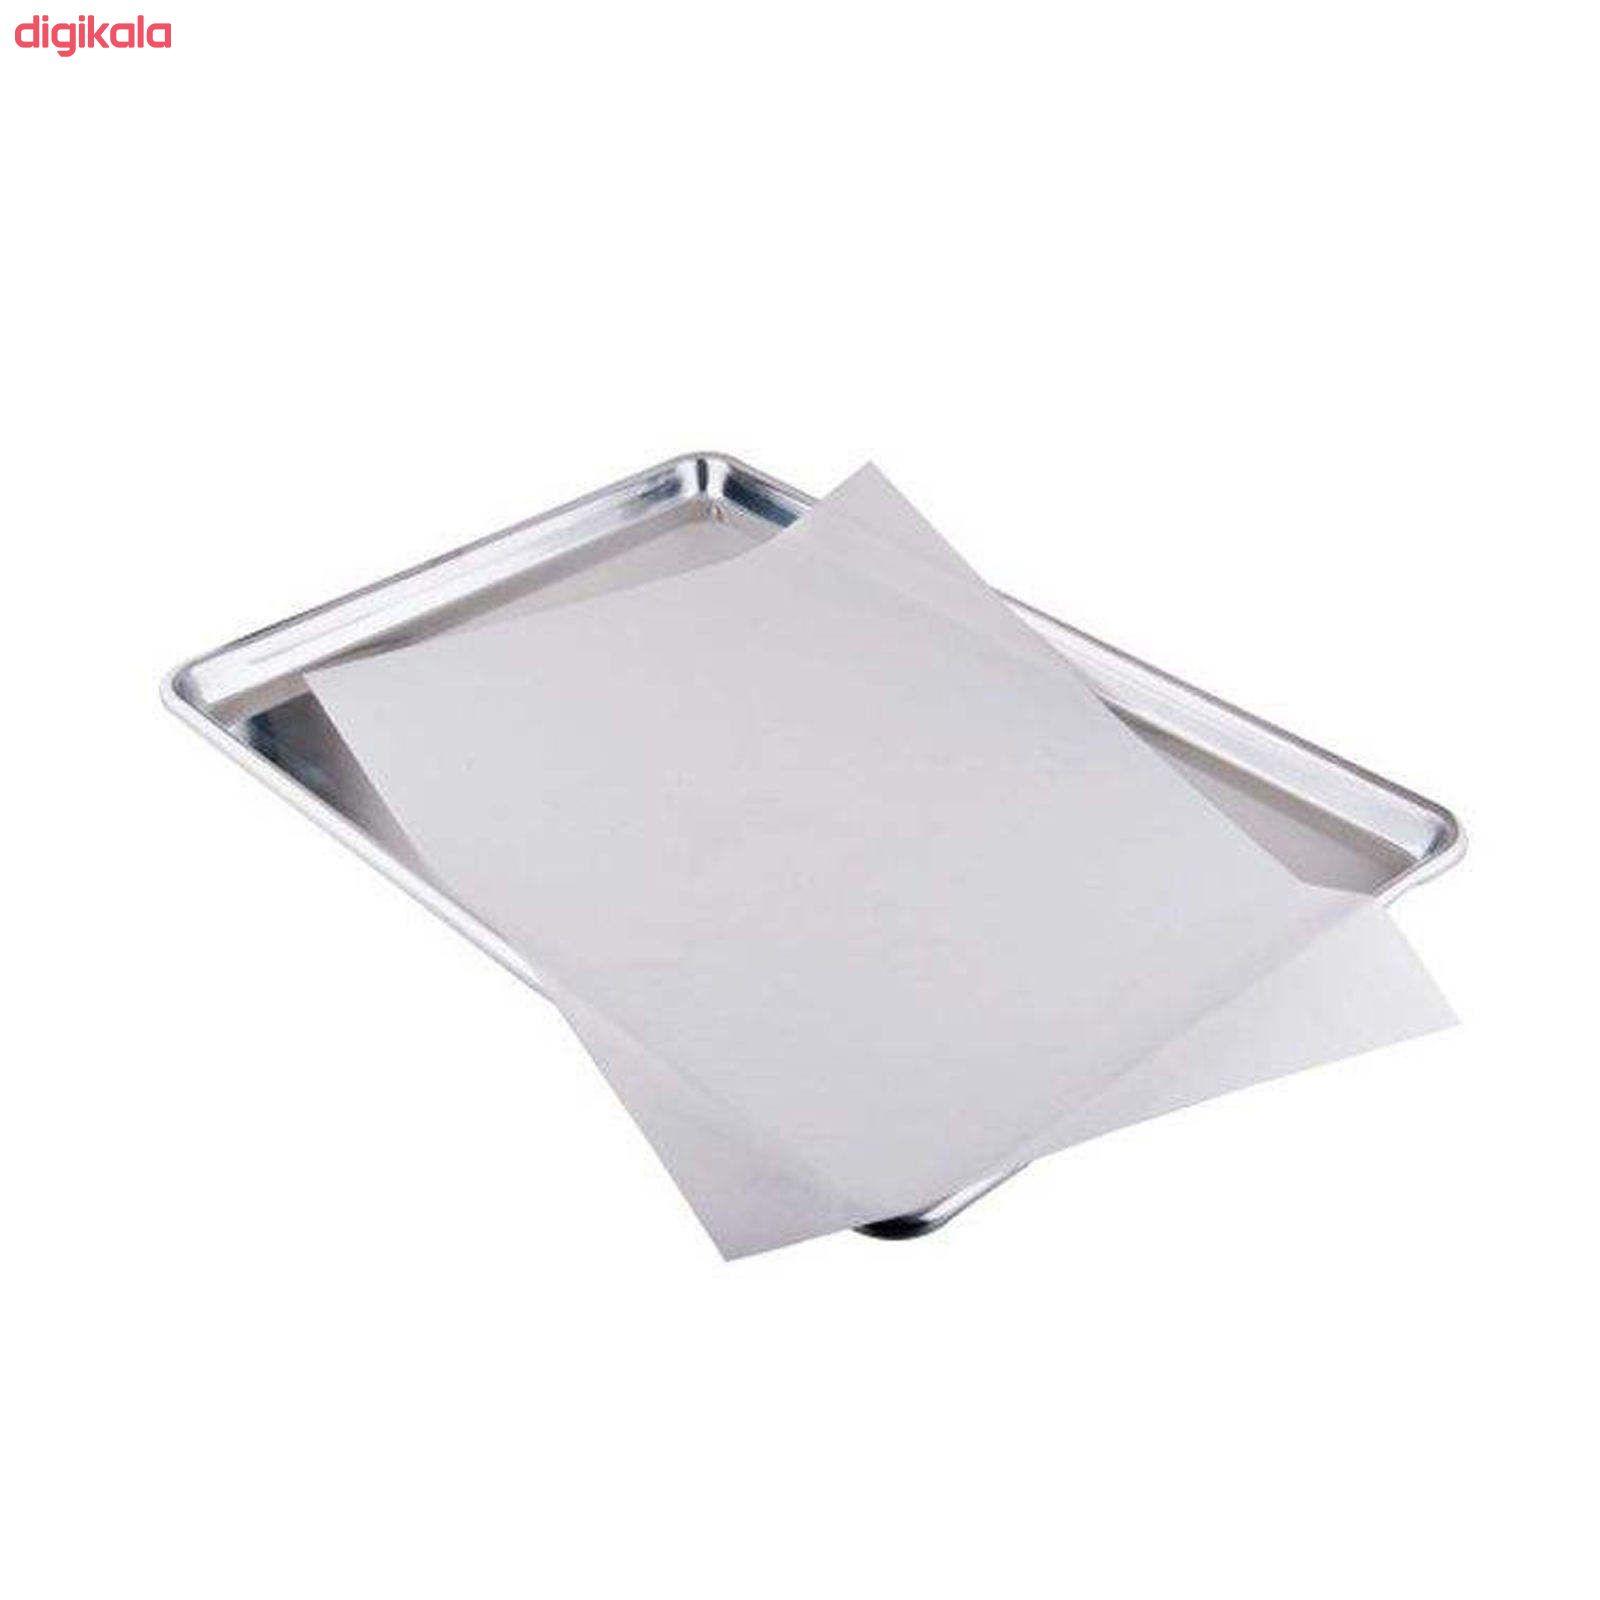 کاغذ شیرینی پزی مدل ch805 بسته 30 عددی main 1 1